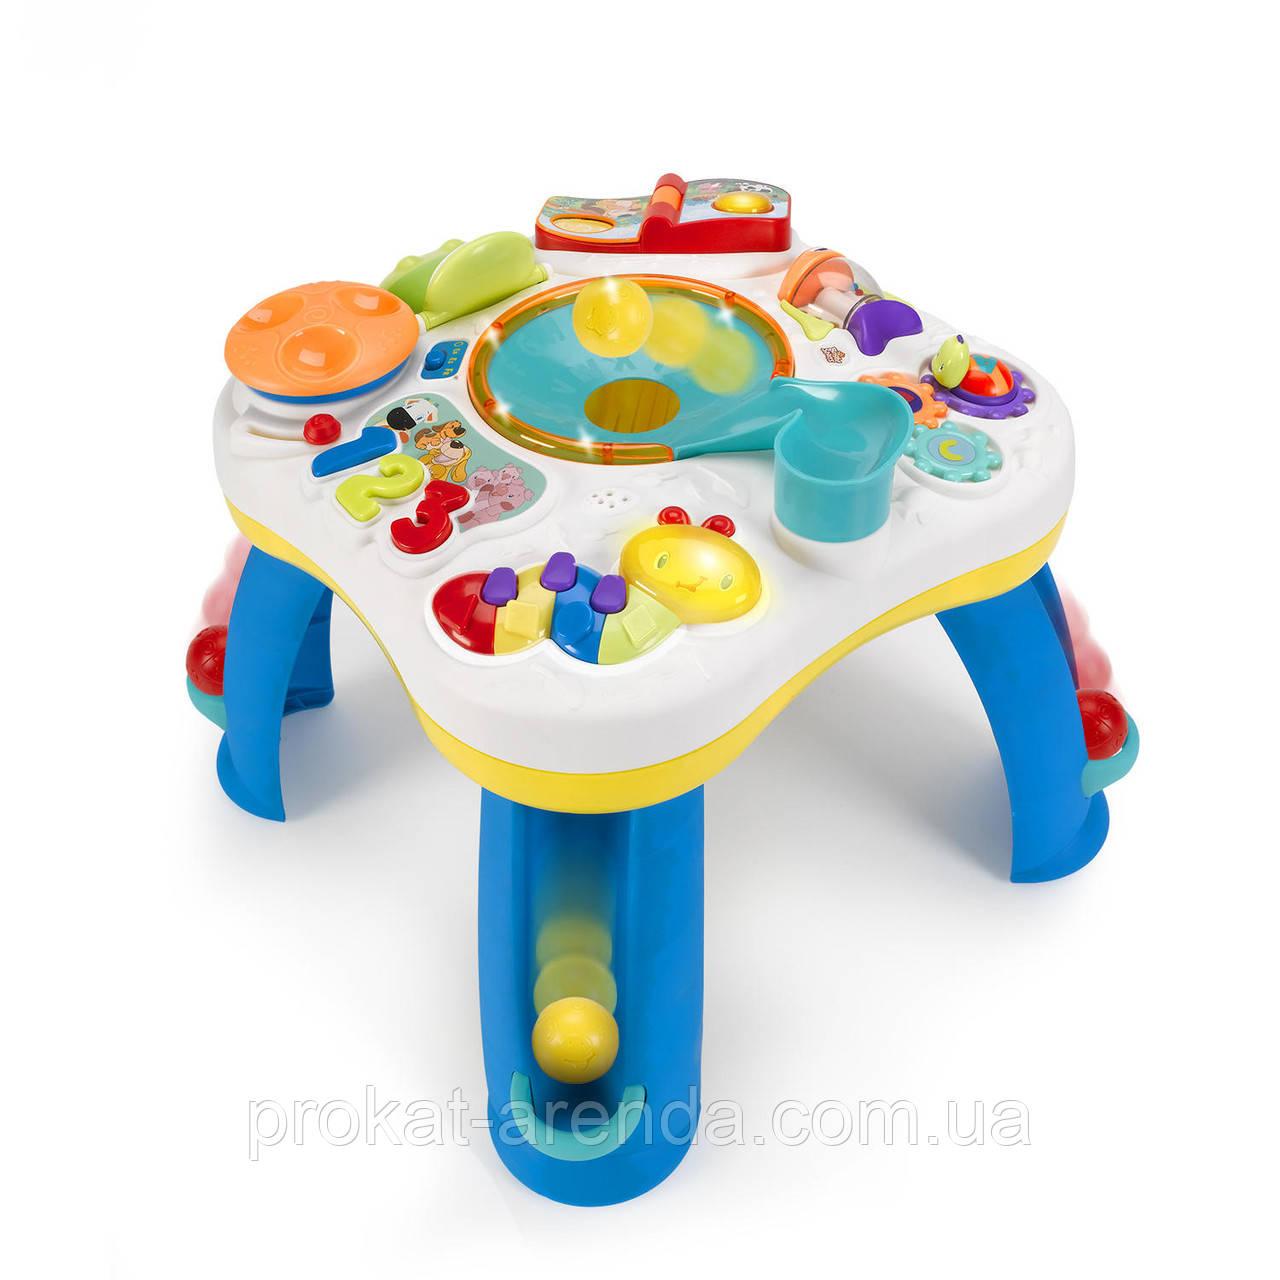 """Музичний столик """"Спритні м'ячики"""" Bright Starts"""